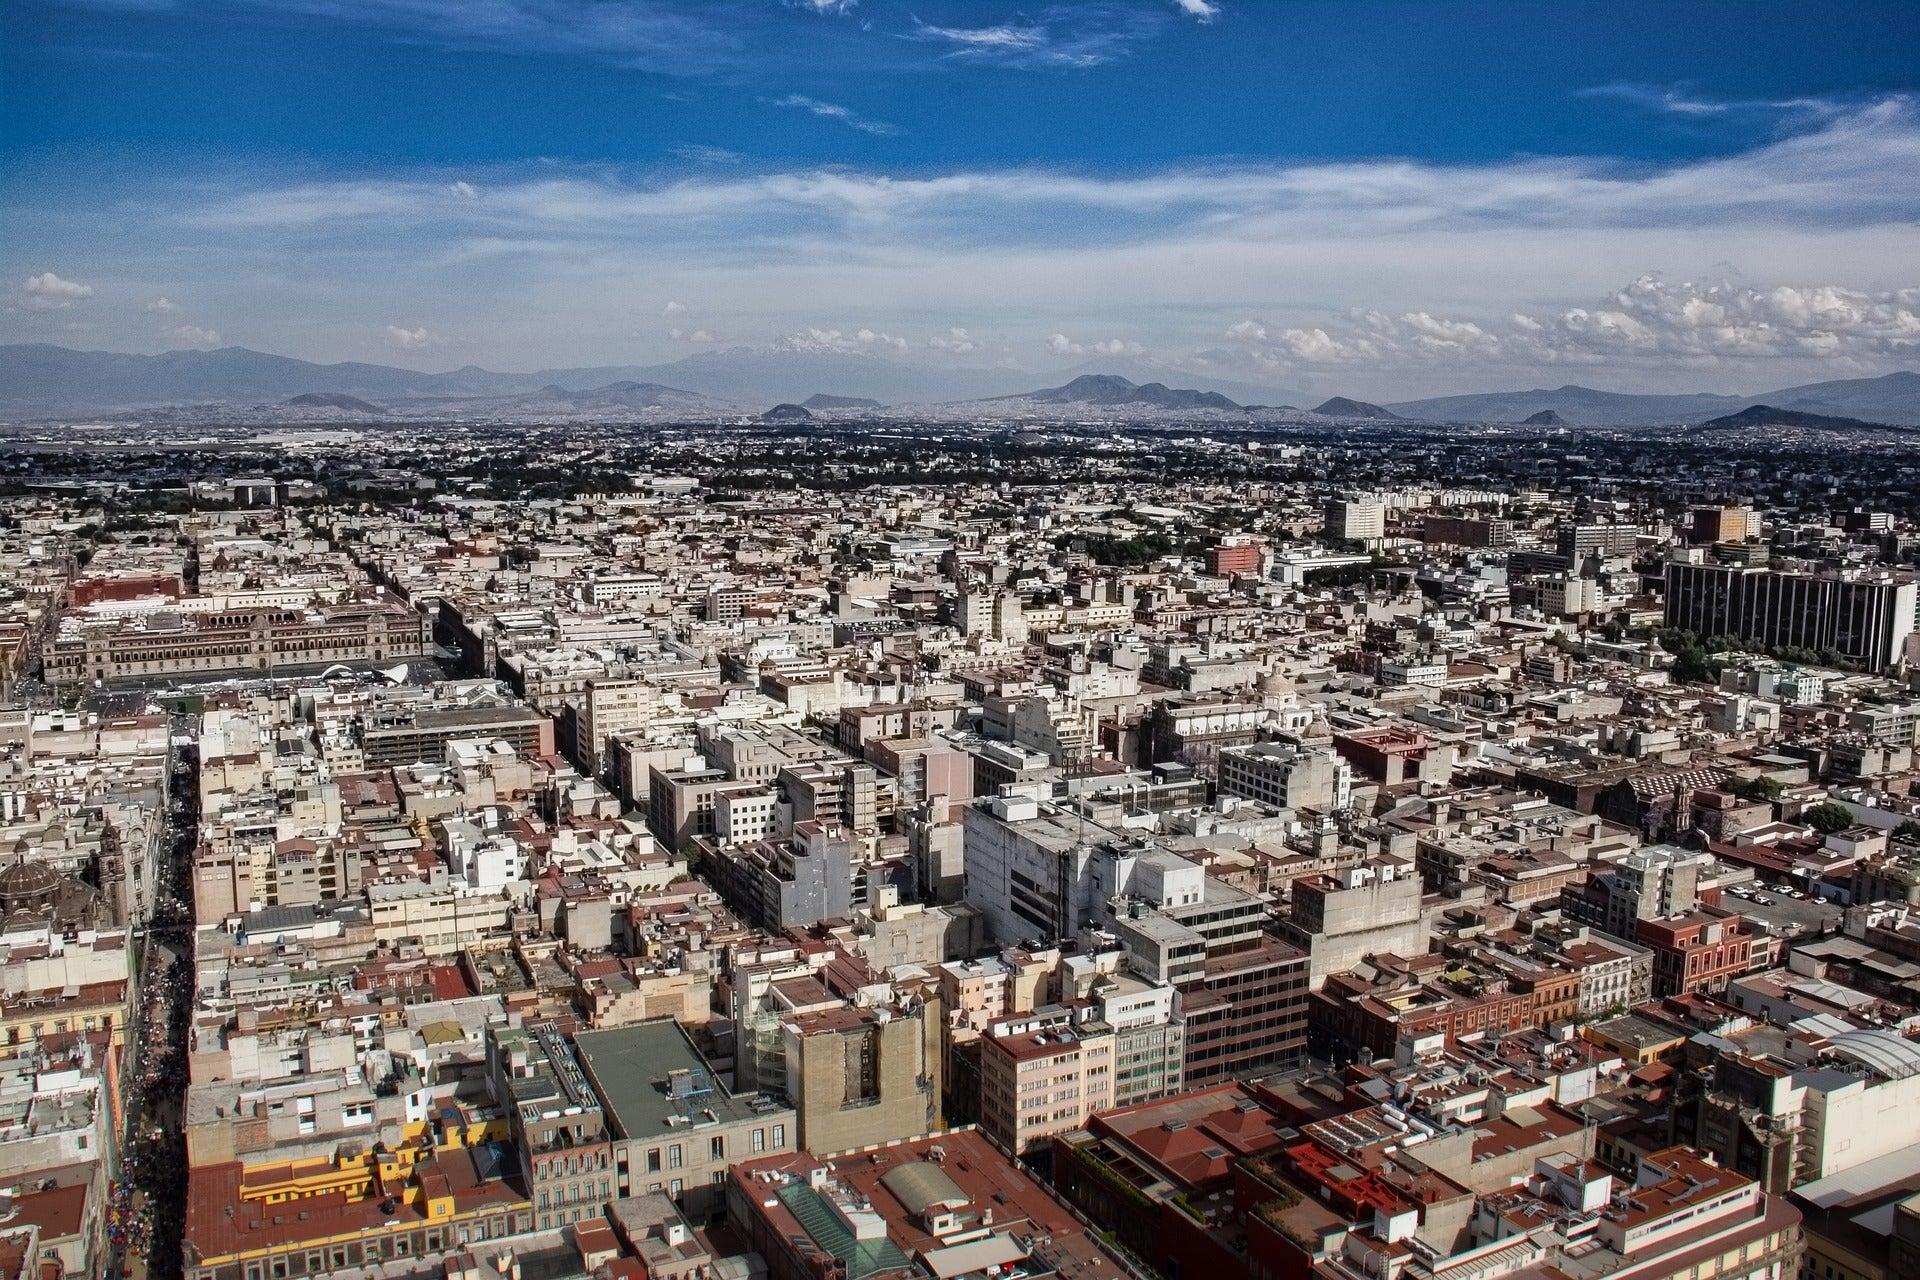 The Mexico City landscape